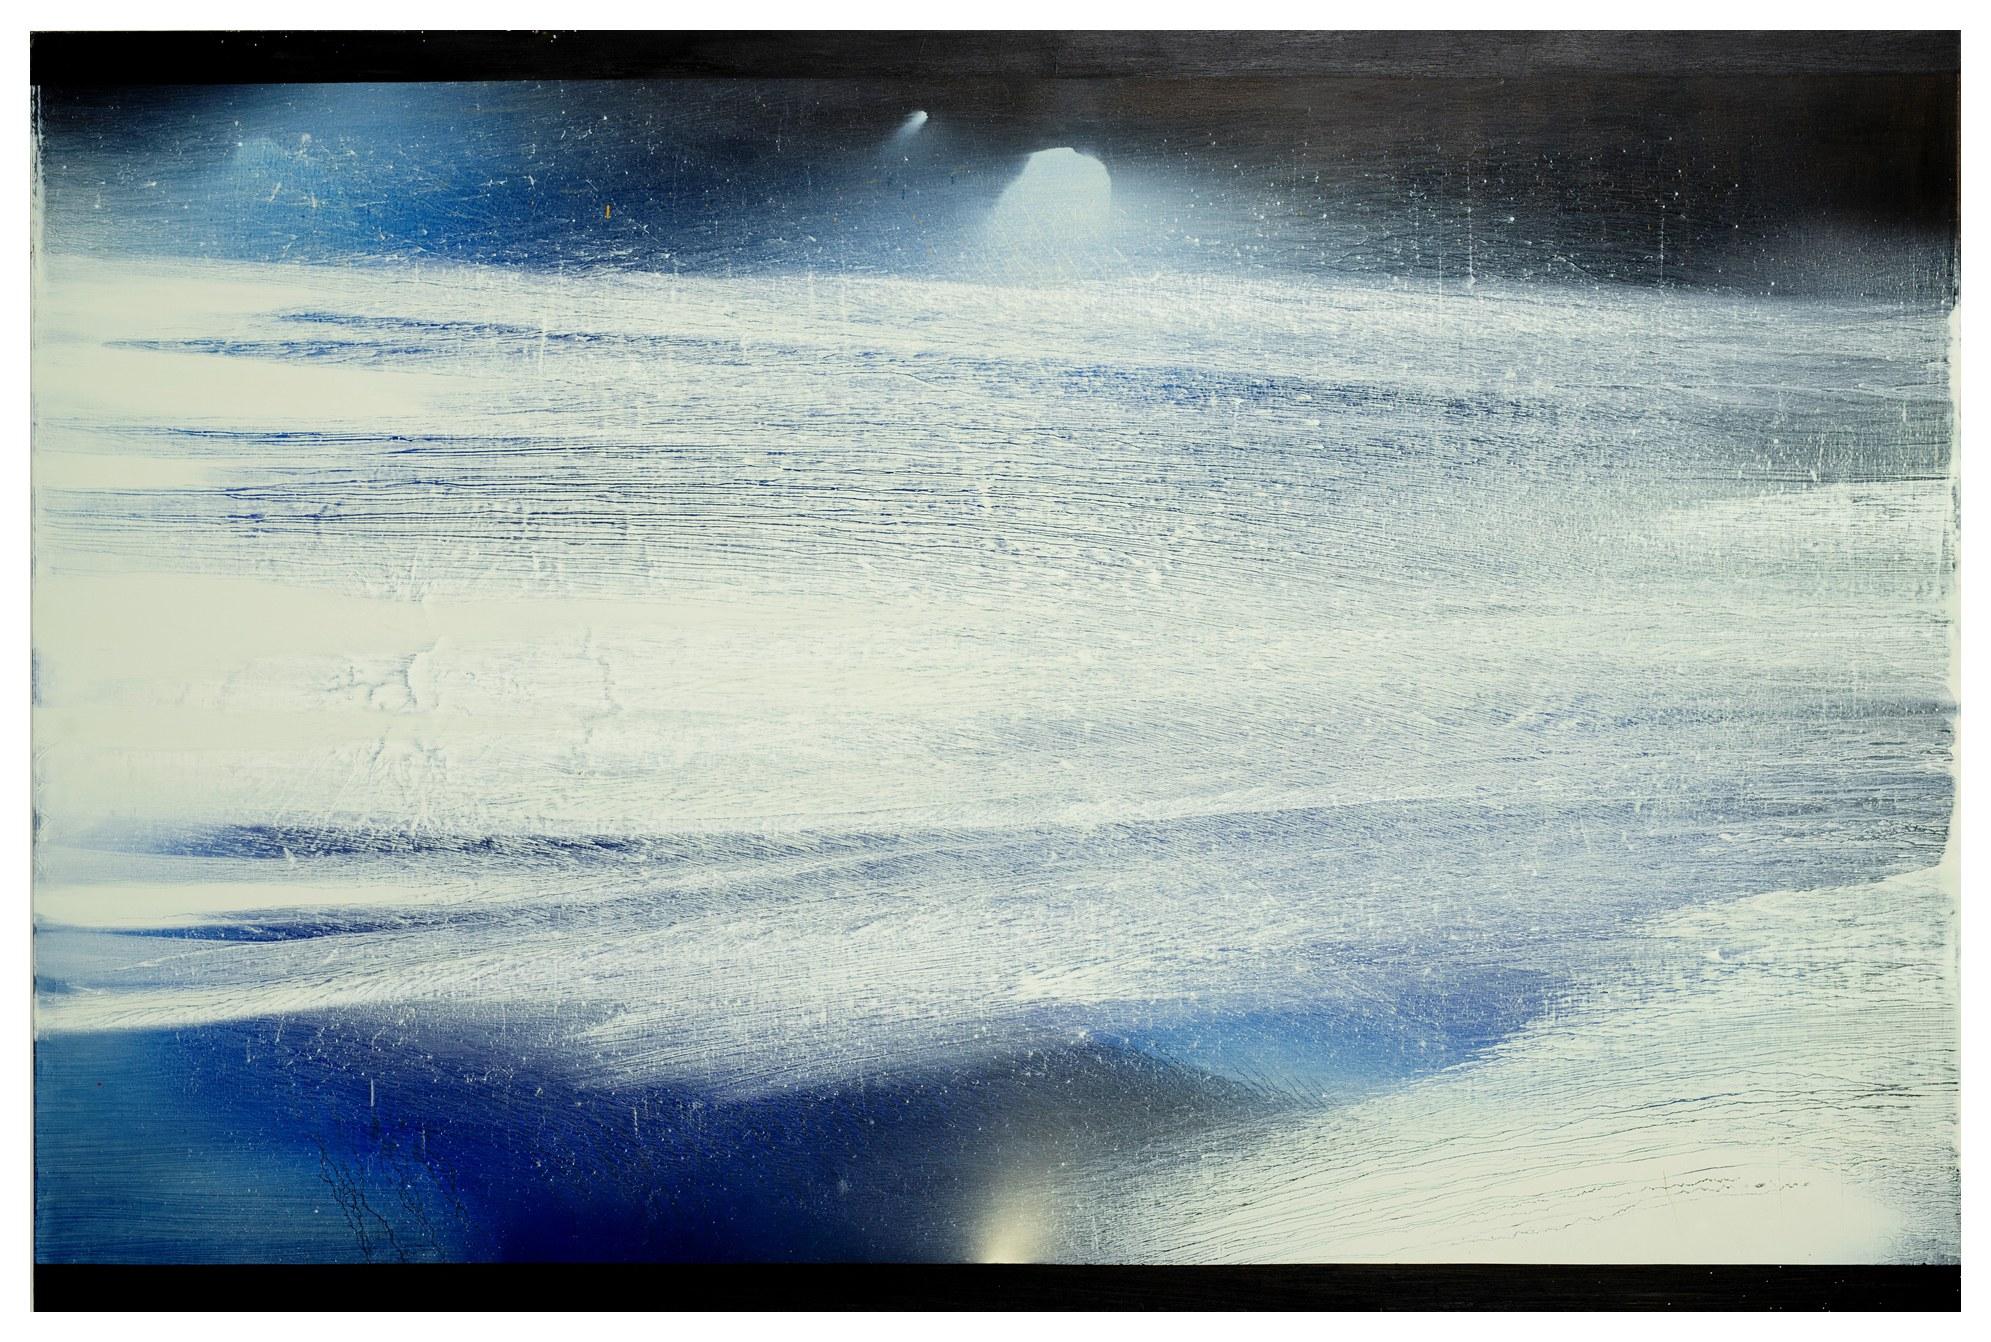 銀湖 Silver Lake 12-20 2012 油彩、畫布 200cm x 300cm